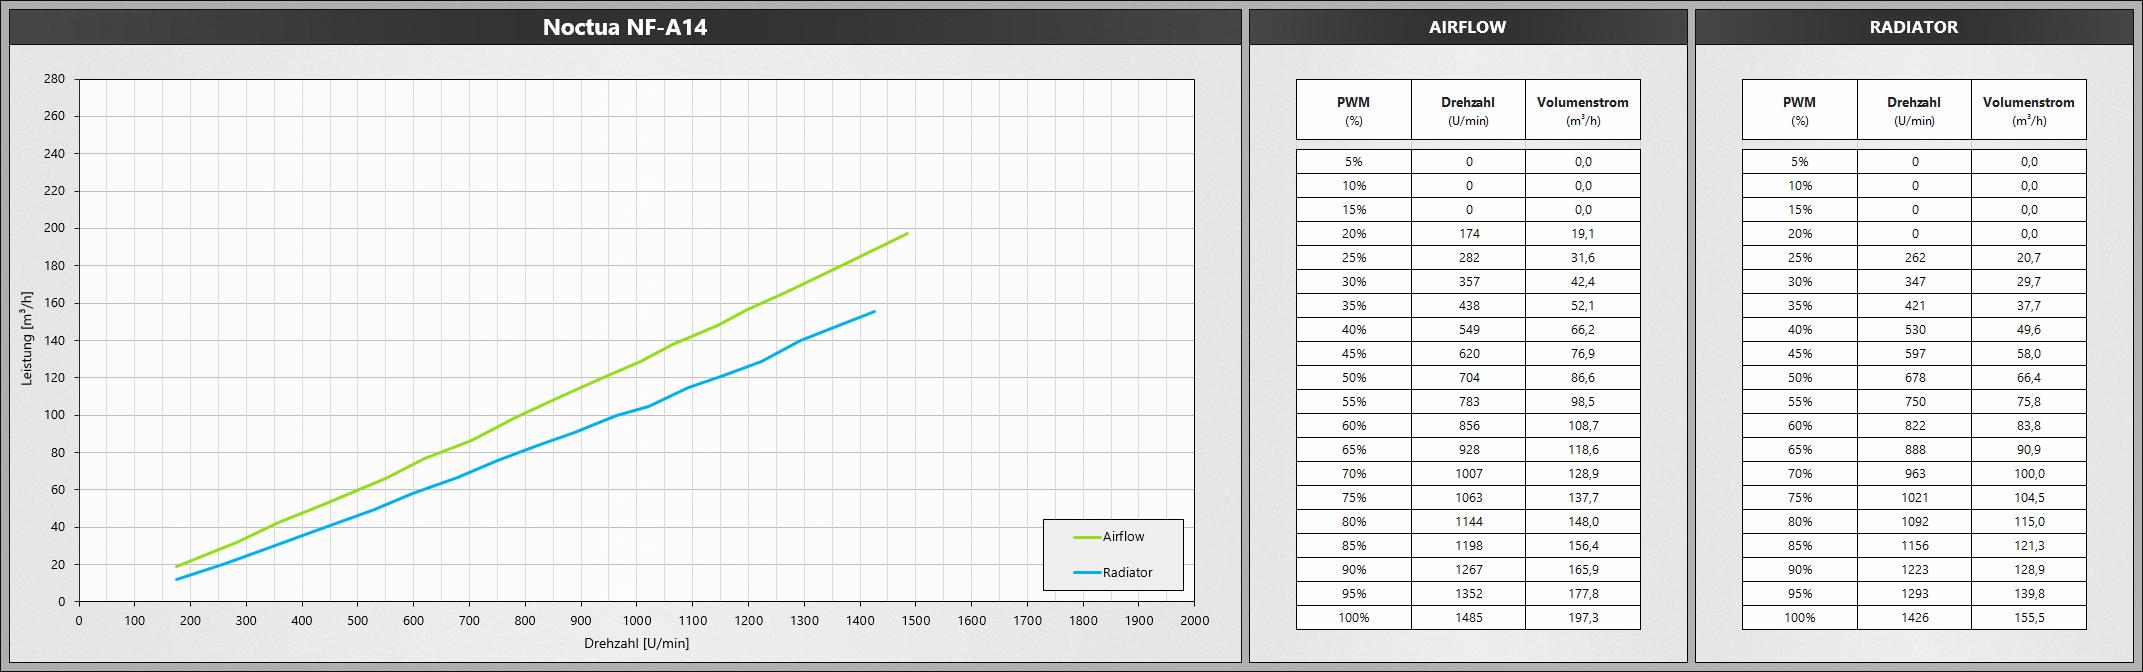 Klicken Sie auf die Grafik für eine größere Ansicht  Name:NoctuaNFA14PWM.png Hits:669 Größe:477,3 KB ID:1074771